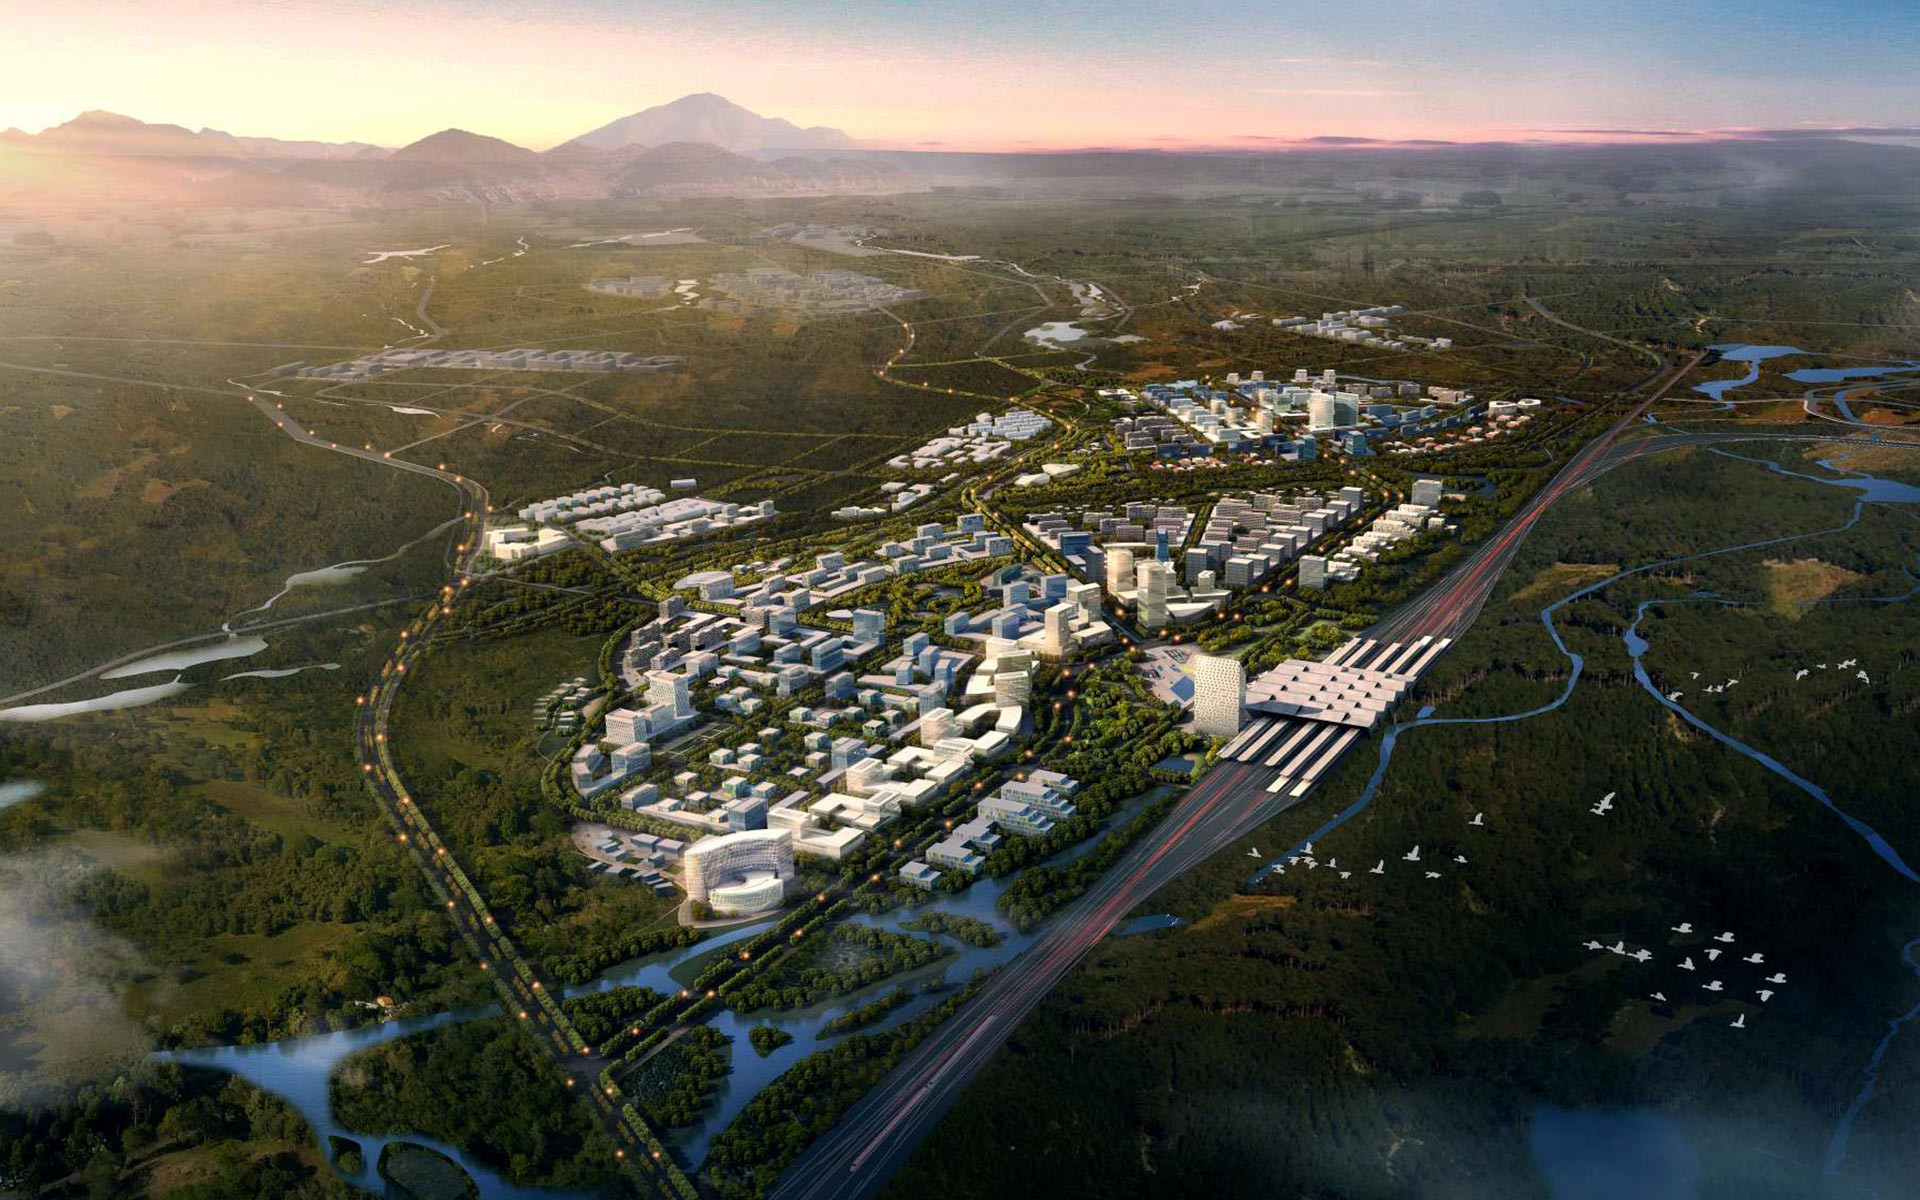 该项目位于长白山片区北大门服务基地-池北区的东北角,是进入长白山的门户地带,设计范围约3.8平方公里。长白山高铁新区设计延续城市既有的组团结构,向外扩展形成圈层式的功能布局模式。融合周边文化旅游,创意产业,公共服务、低碳居住等组团,形成整体的城市网络;同时完善中心交通环,增强高铁新区的多方向聚合可达性;加强整体城镇的绿色向心和组团生态集聚。 在设计中原有的林地最大限度得以保留。三条主要城市轴线延续至高铁新区,并串起主要的城市节点。从高铁站通往老城及景区方向的主干道采用林荫大道的形式,同时保留了部分原有铁轨